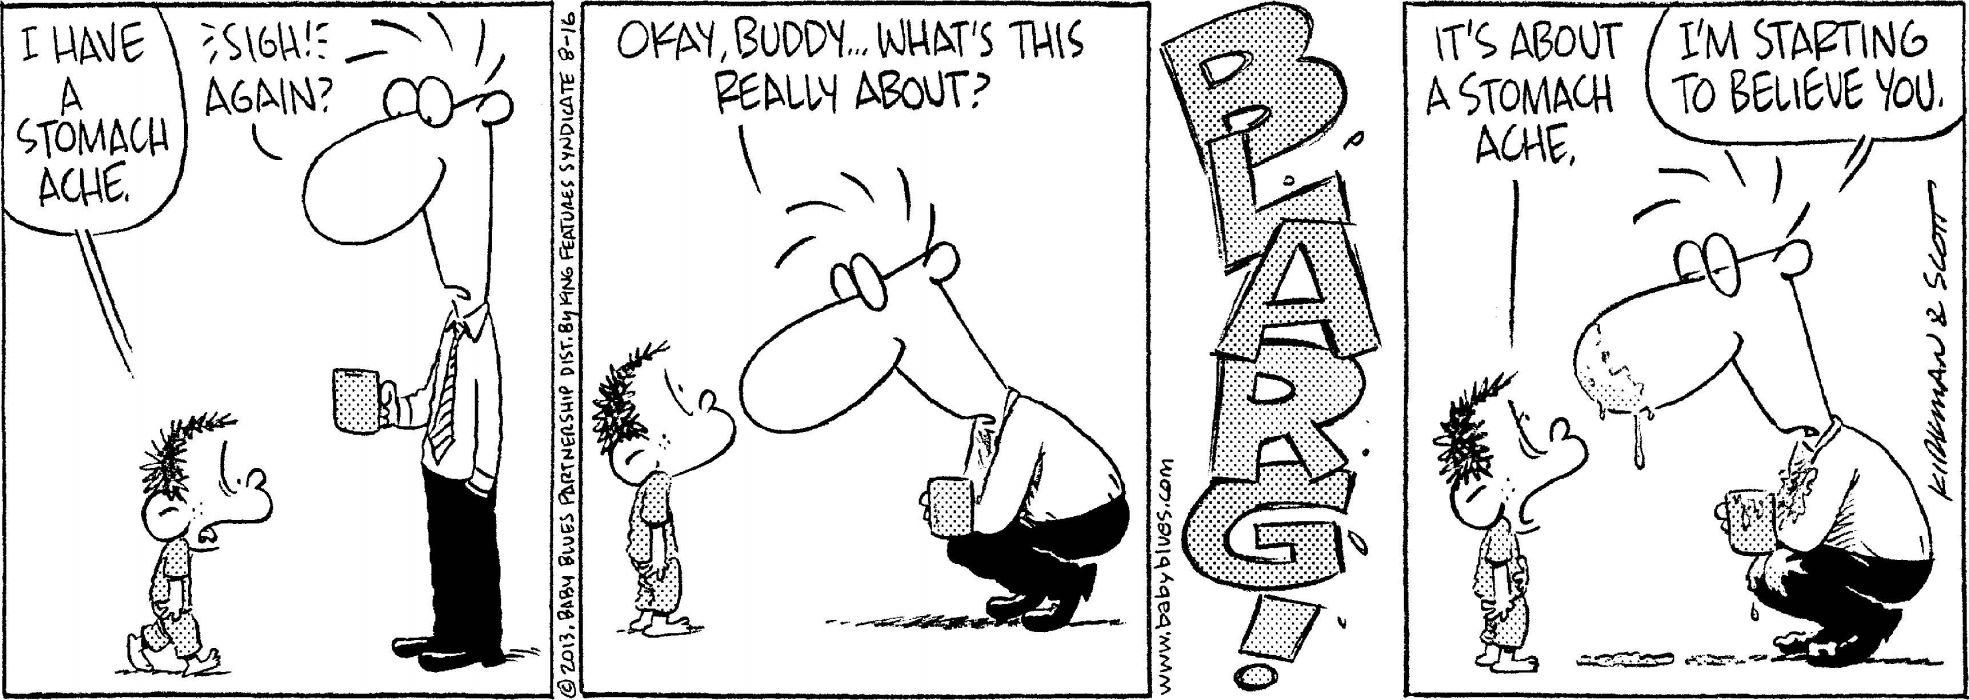 BABY-BLUES comicstrip comics baby funny humor (15) wallpaper